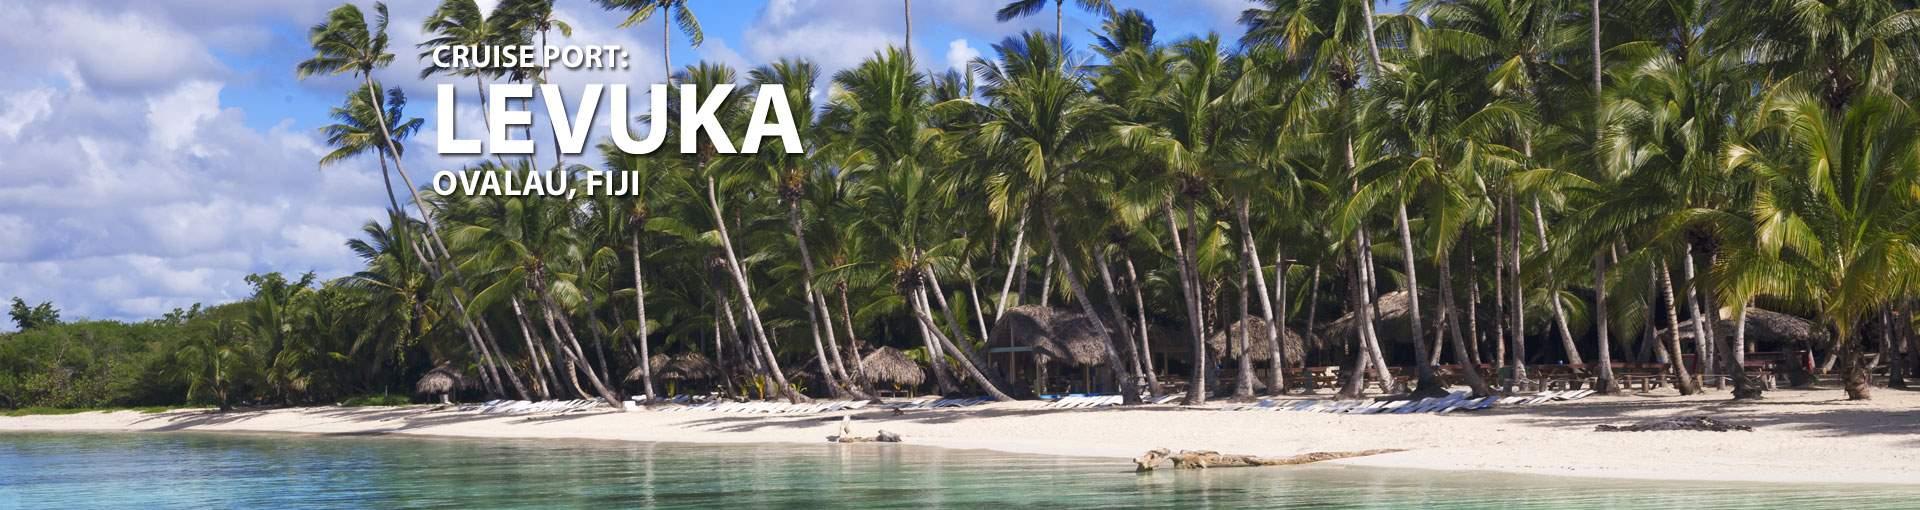 Cruises to Levuka, Ovalau